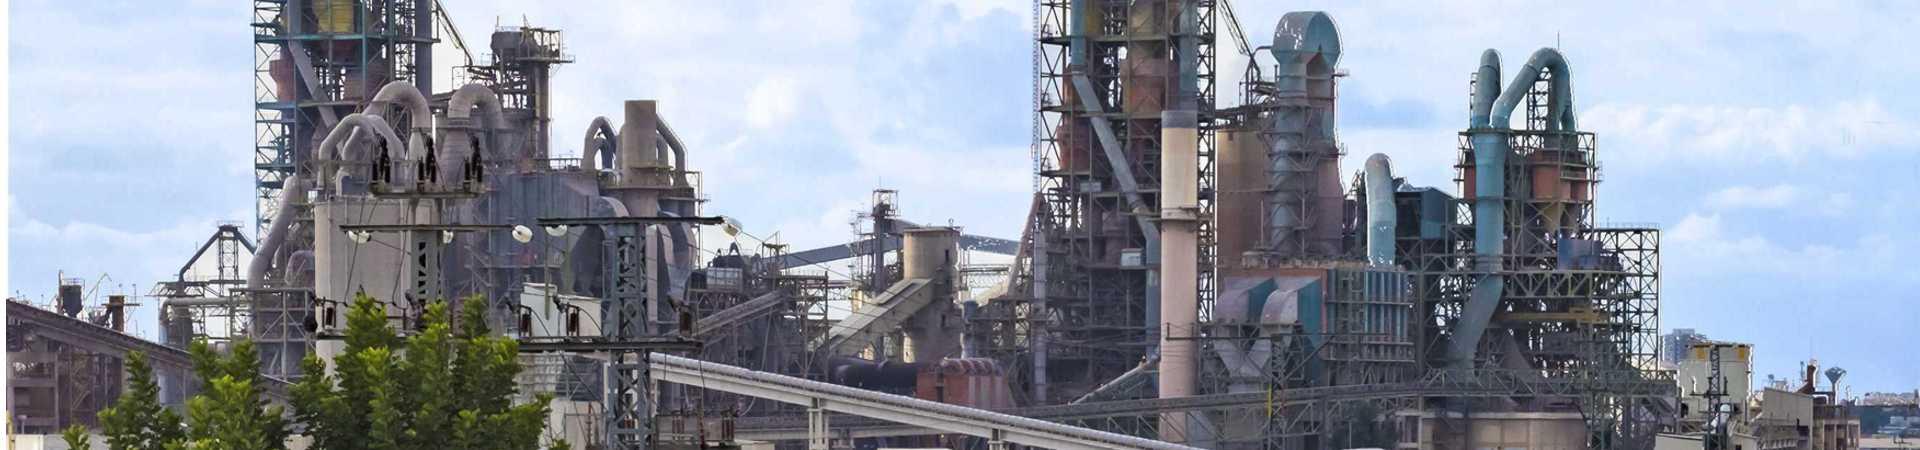 Масляные системы смазки Woerner для цементной промышленности